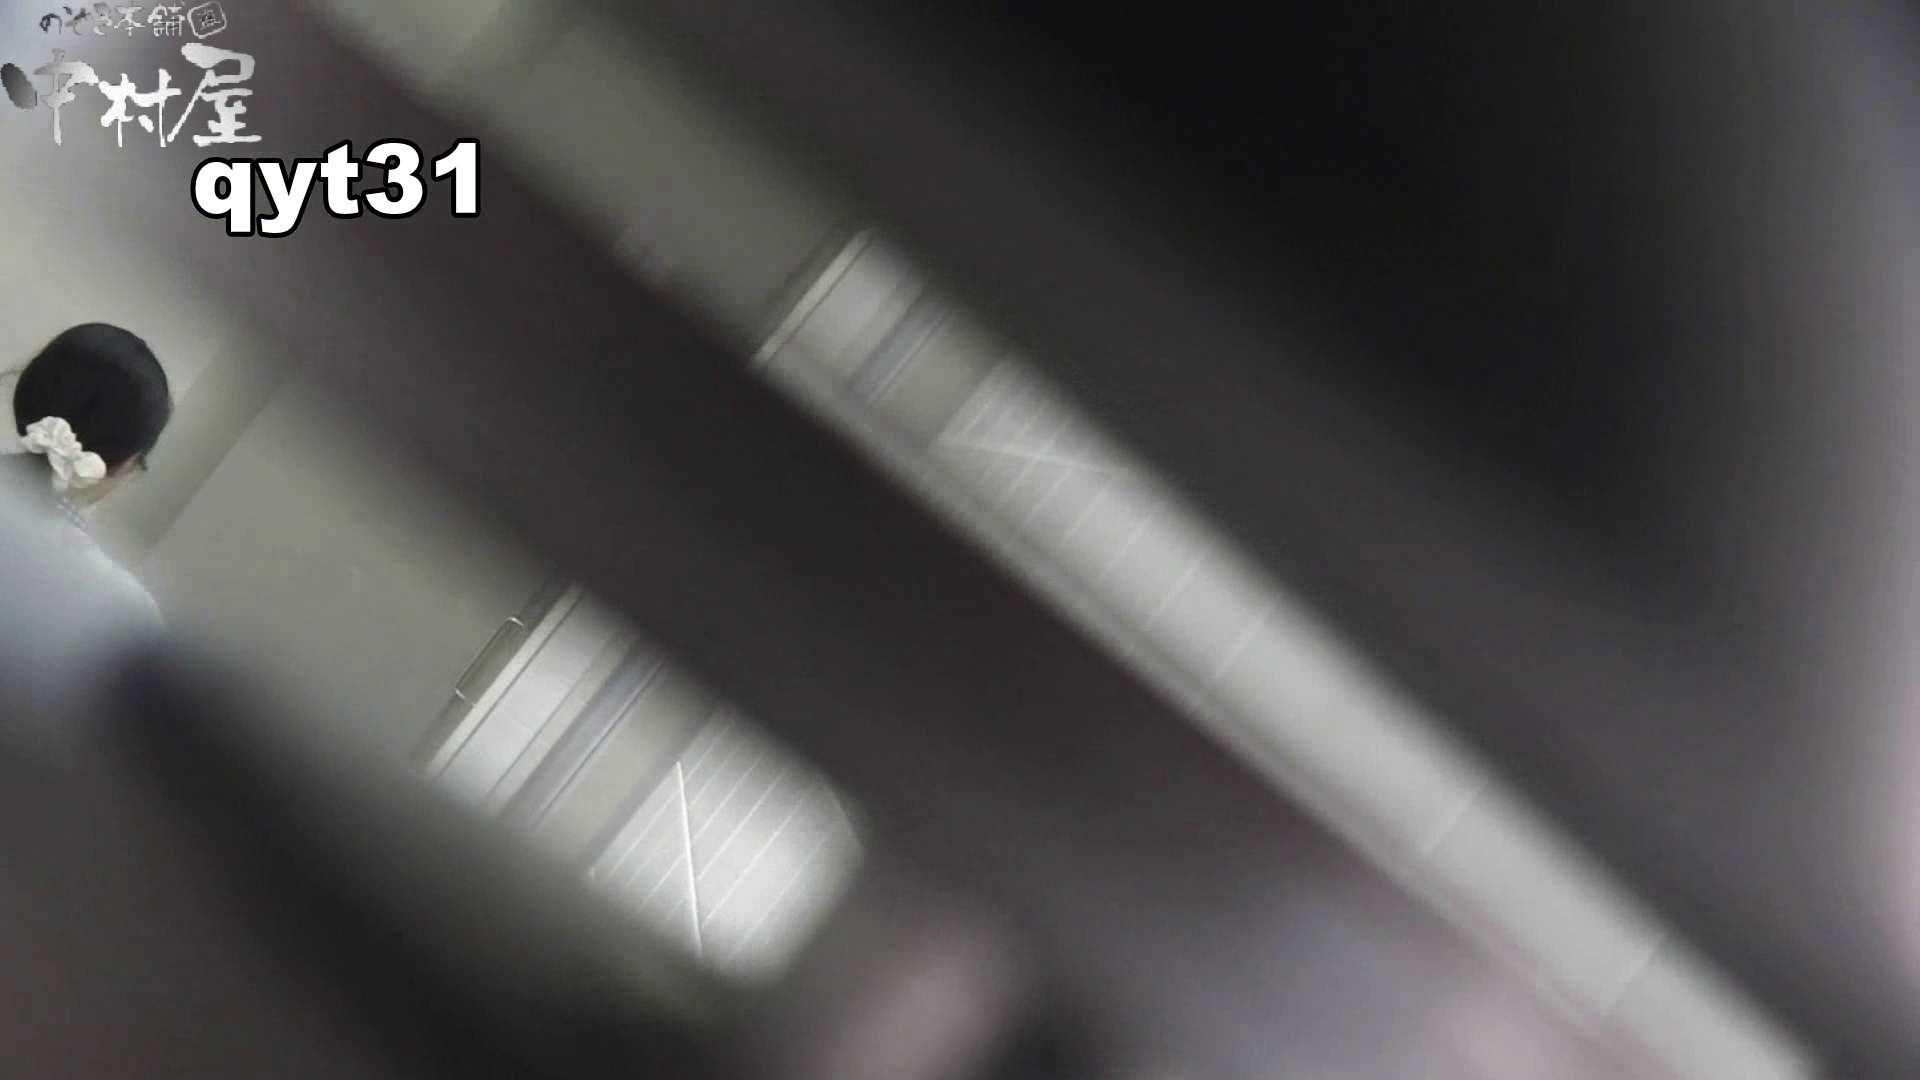 【お銀さんの「洗面所突入レポート!!」】お銀さんの「洗面所突入レポート!!」 vol.31 Σ(||゚Д゚)ヒィ~!! 洗面所  71枚 30